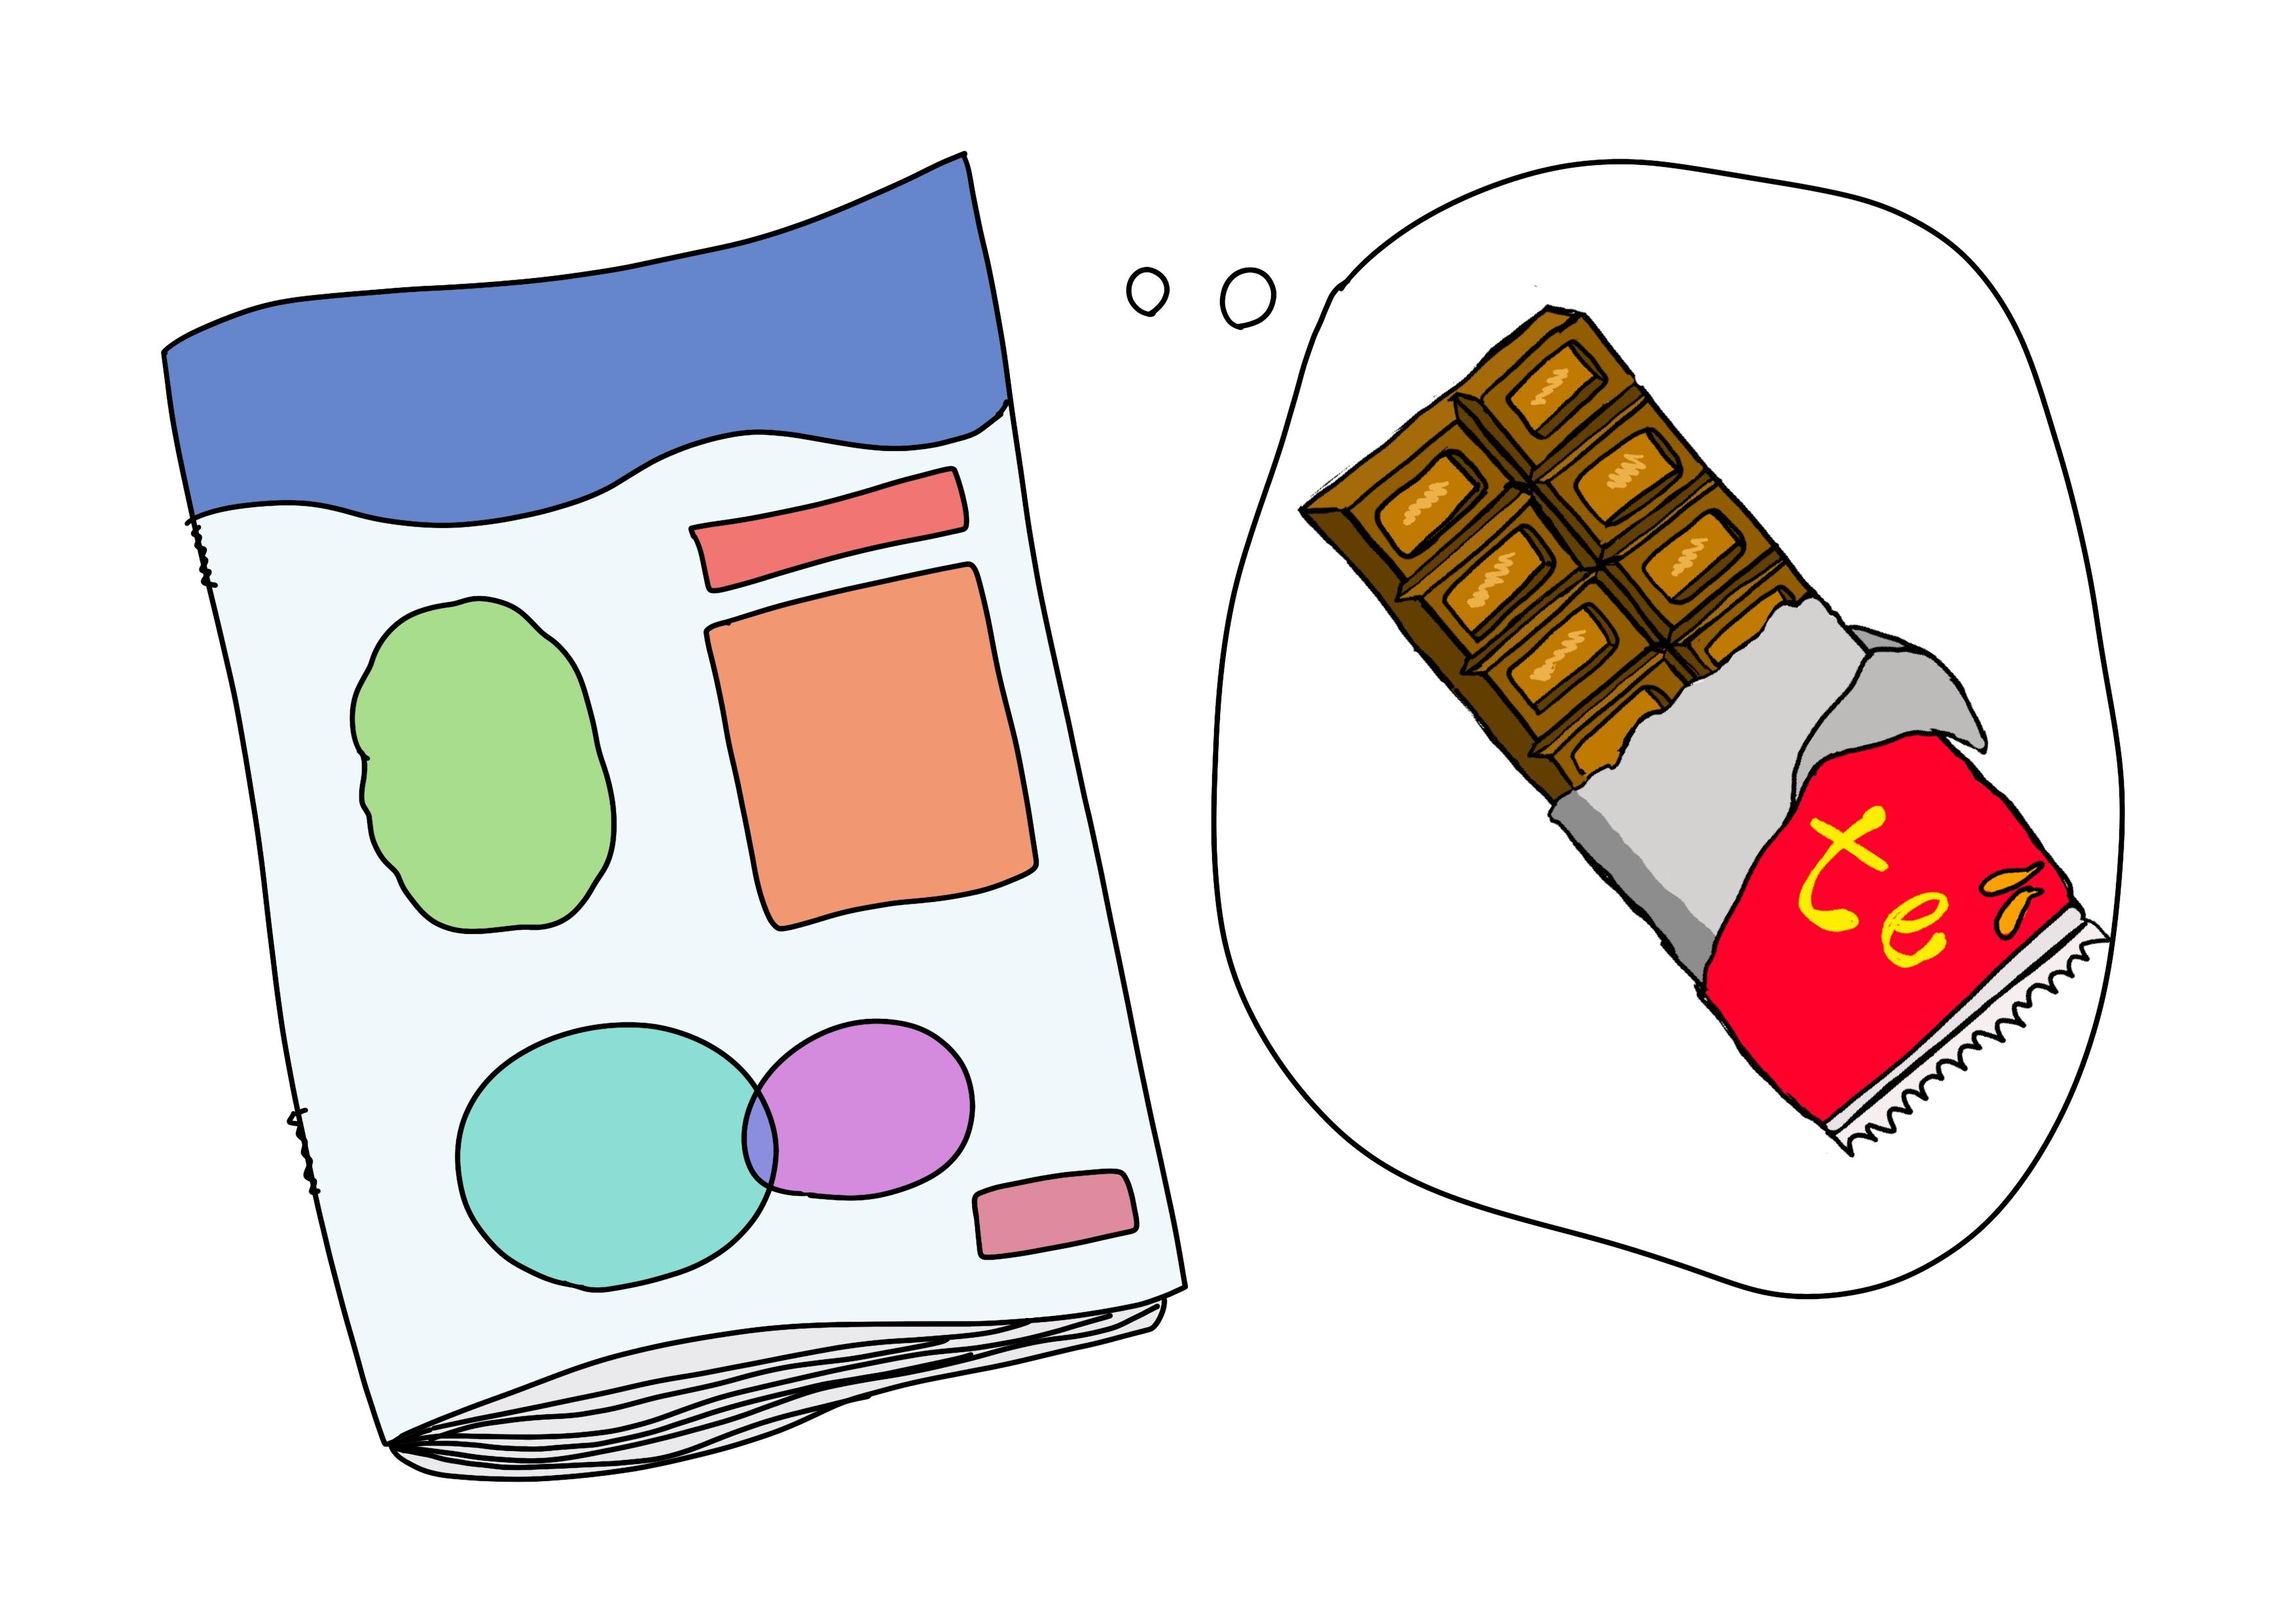 2課イラスト【チョコレートの雑誌】